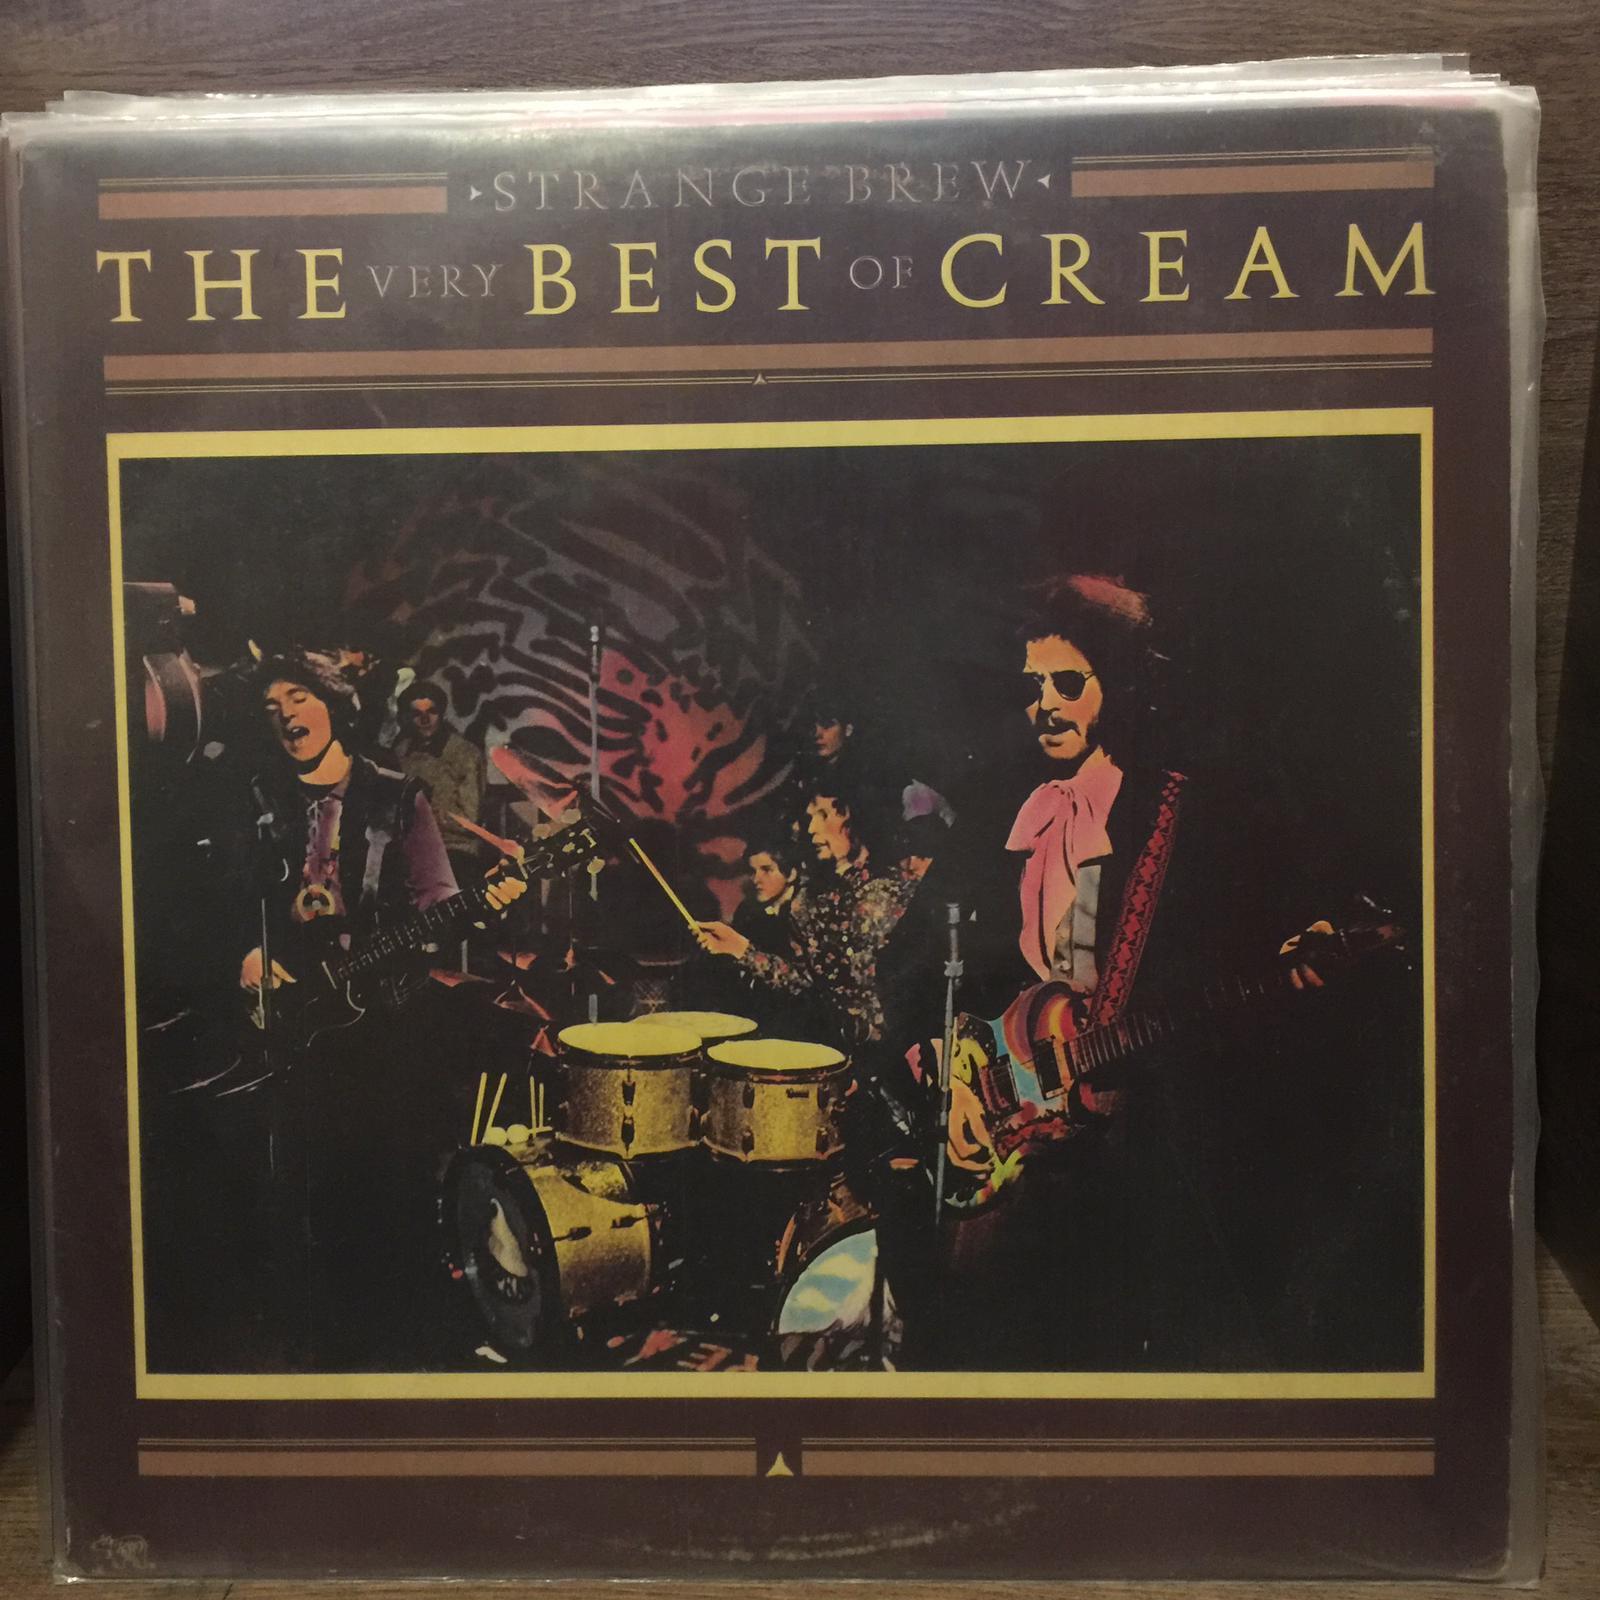 Cream Strange Brew The Very Best Of Cream Lp